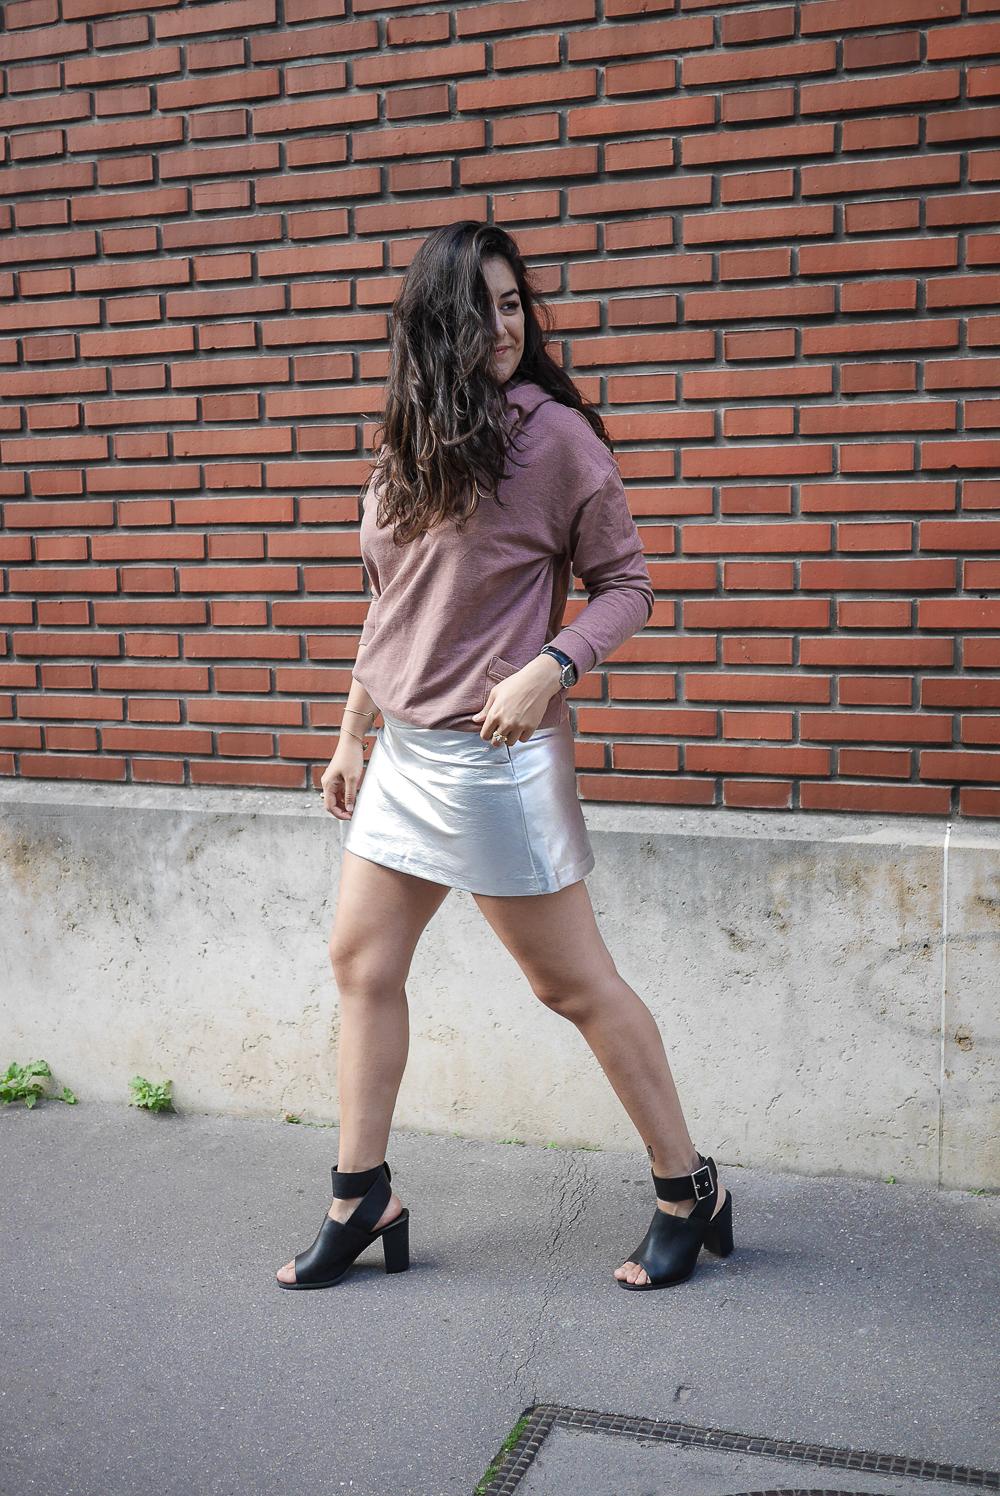 Silver skirt meganvlt